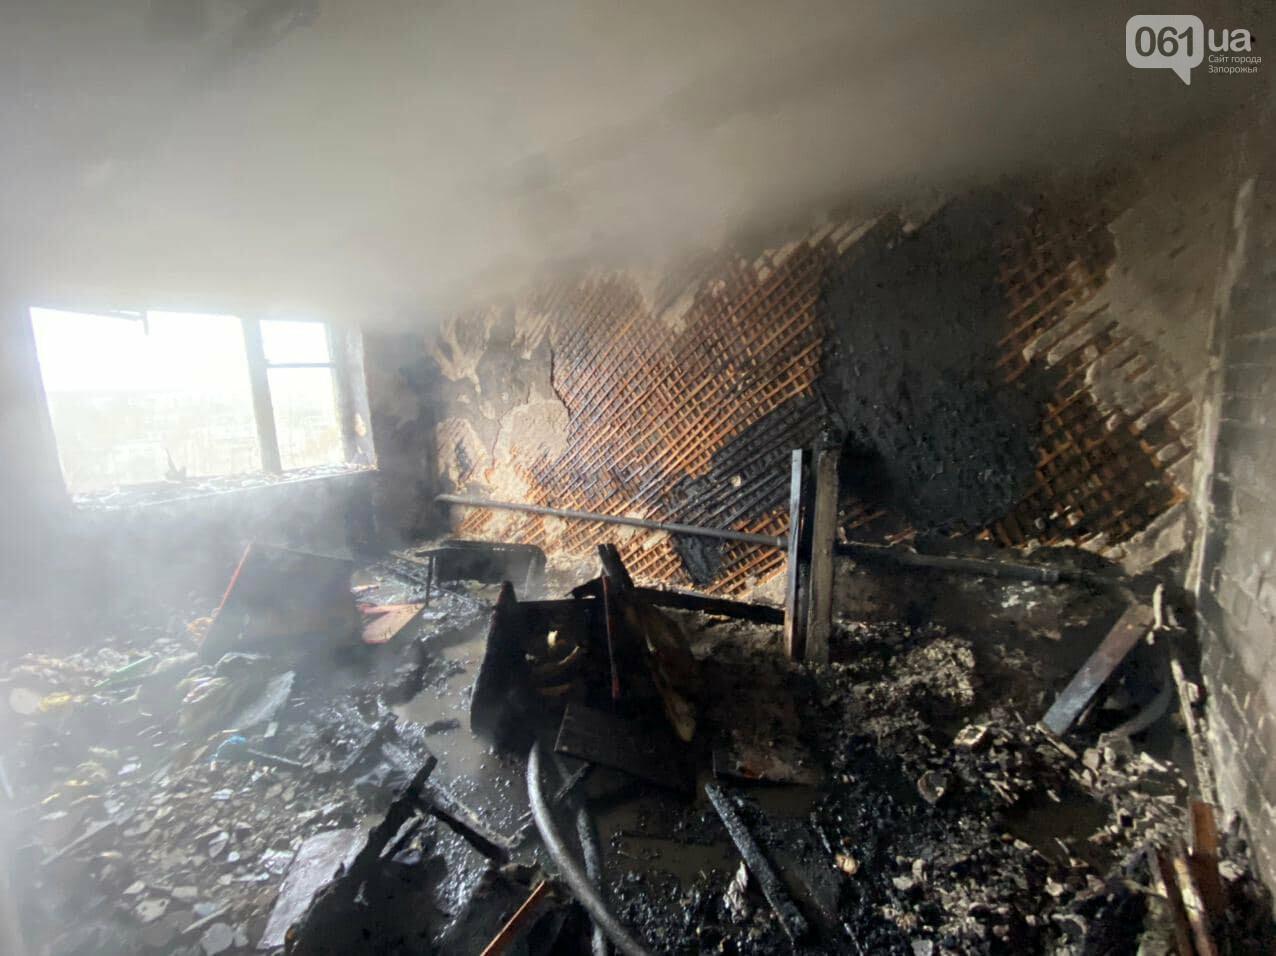 Пожар в запорожской девятиэтажке тушили 6 единиц техники и 22 спасателя, - ФОТО , фото-6